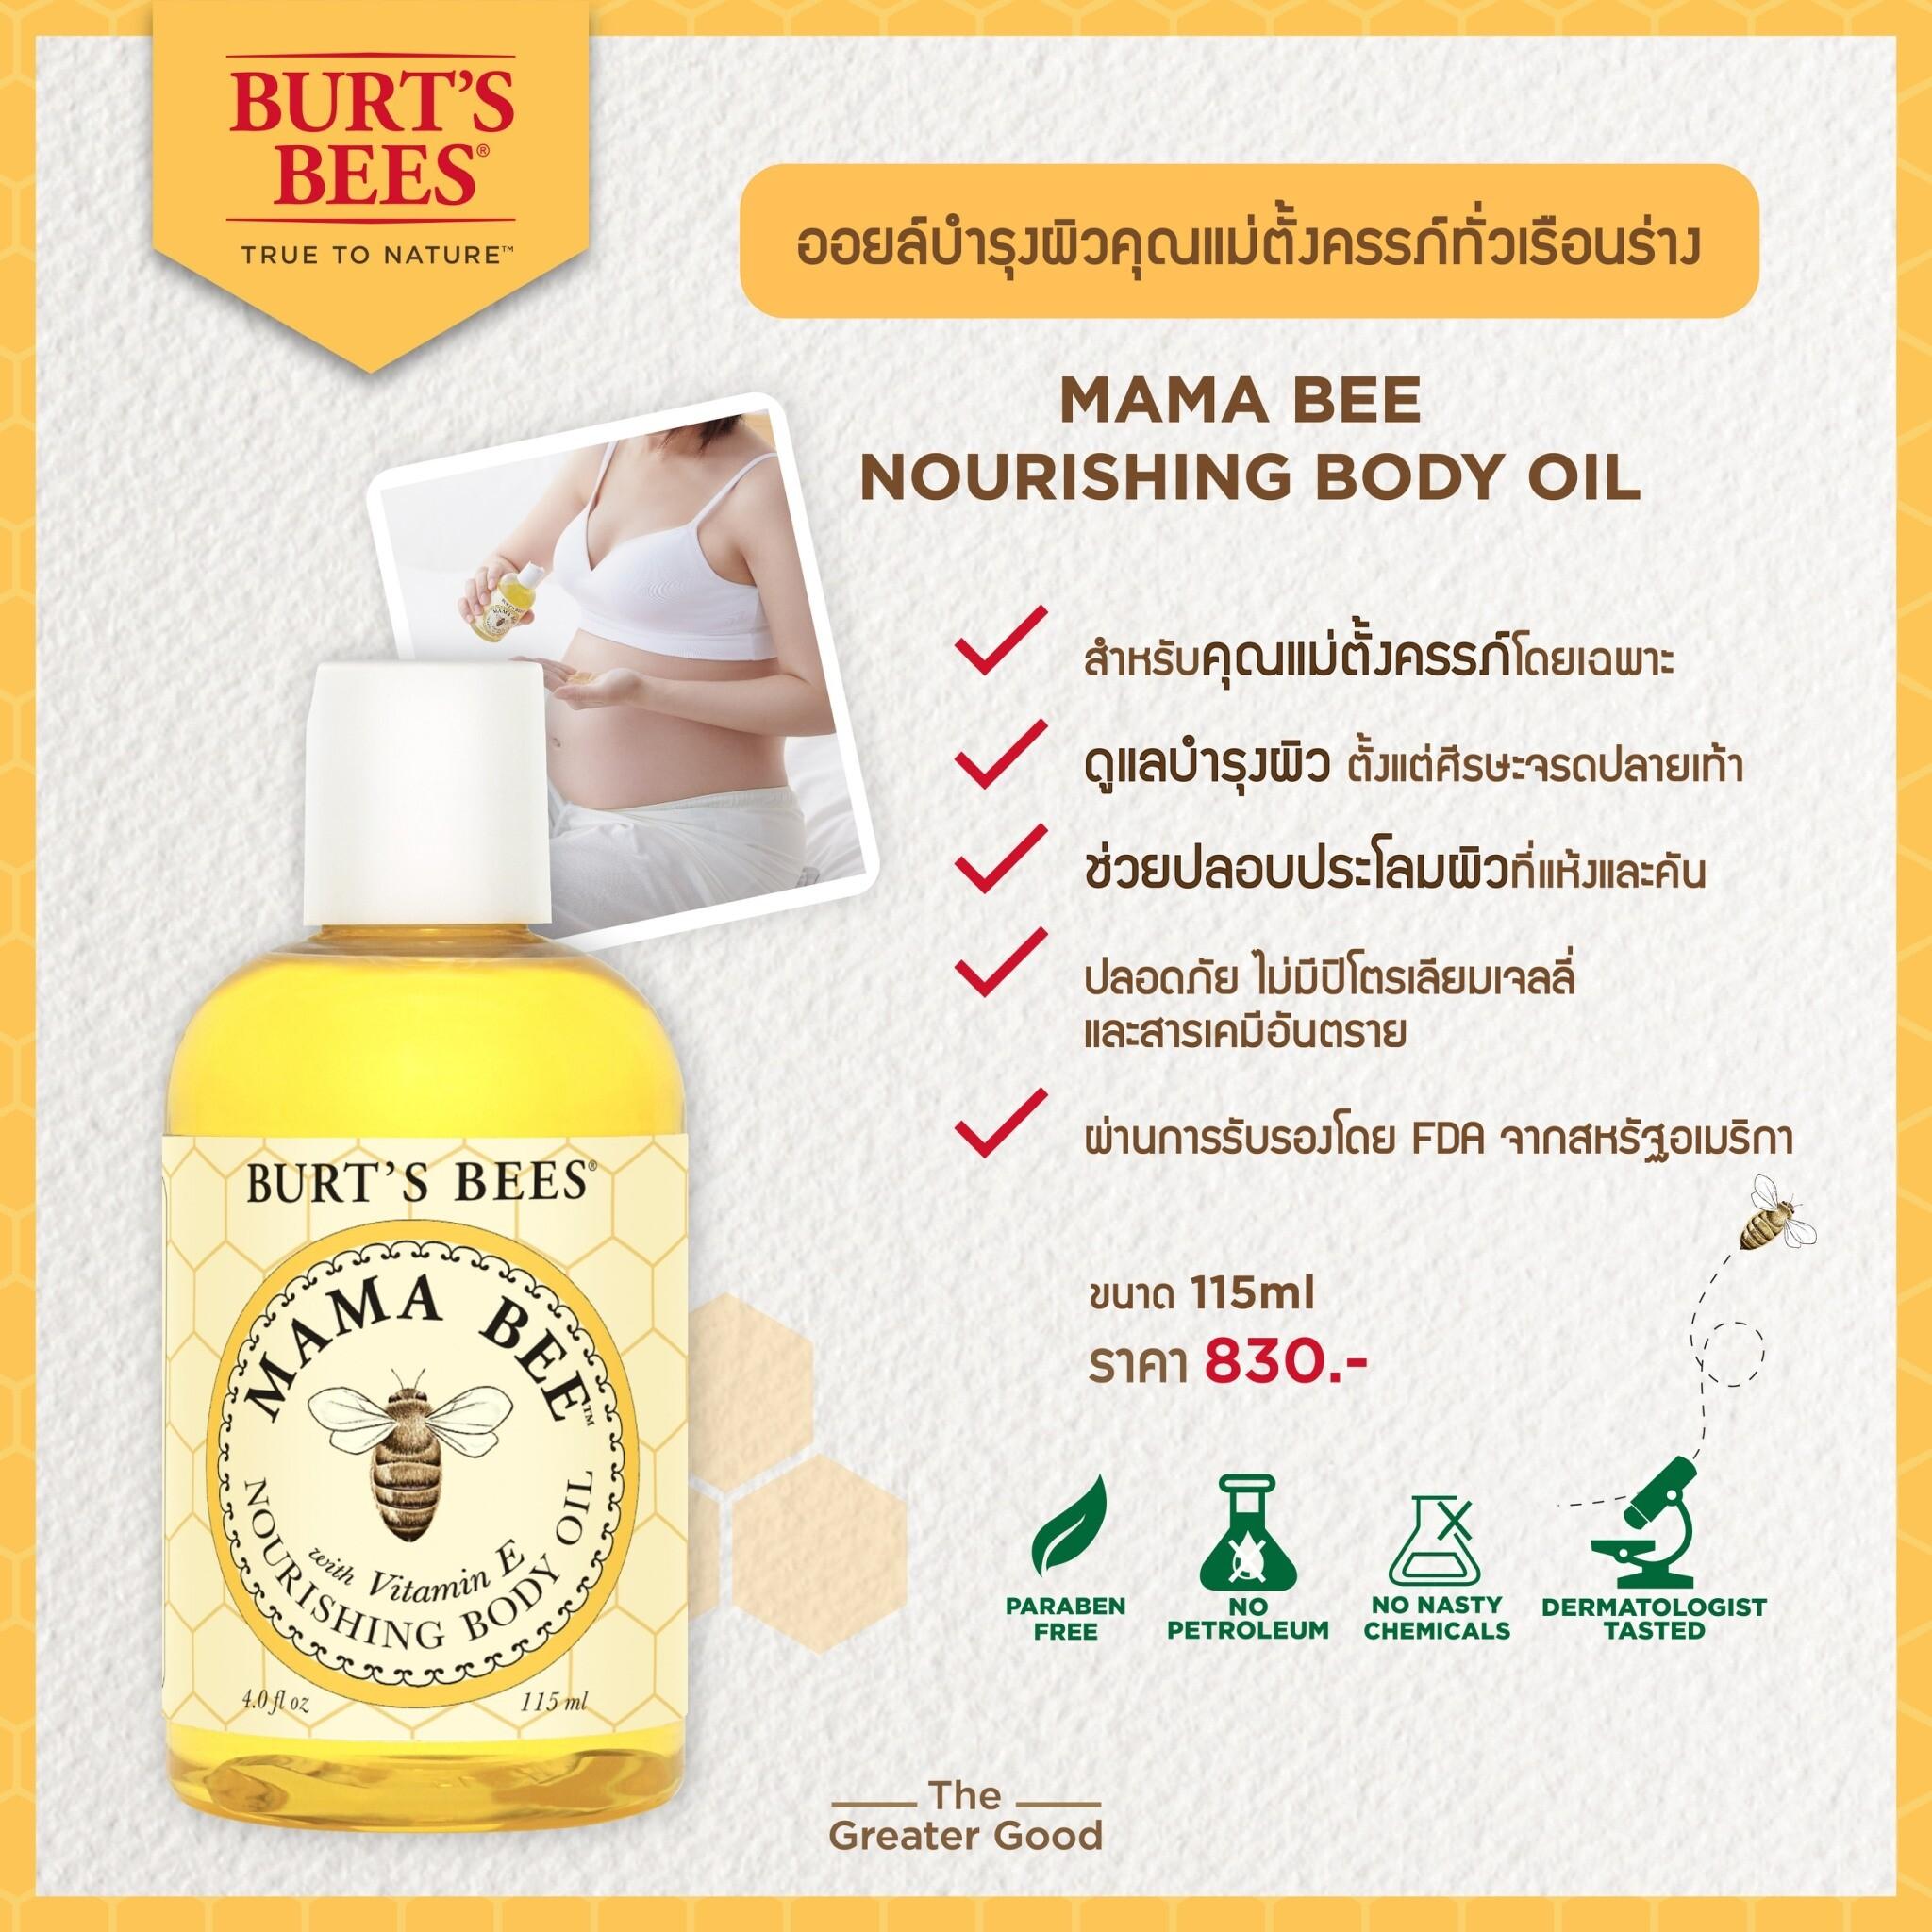 แนะนำ Burt's Bees Mama Bee Nourishing Body Oil เบิร์ตบีส์ มาม่า บี นูริชชิ่ง บอดี้ ออยล์ ออยบำรุงผิว ออยคนท้อง